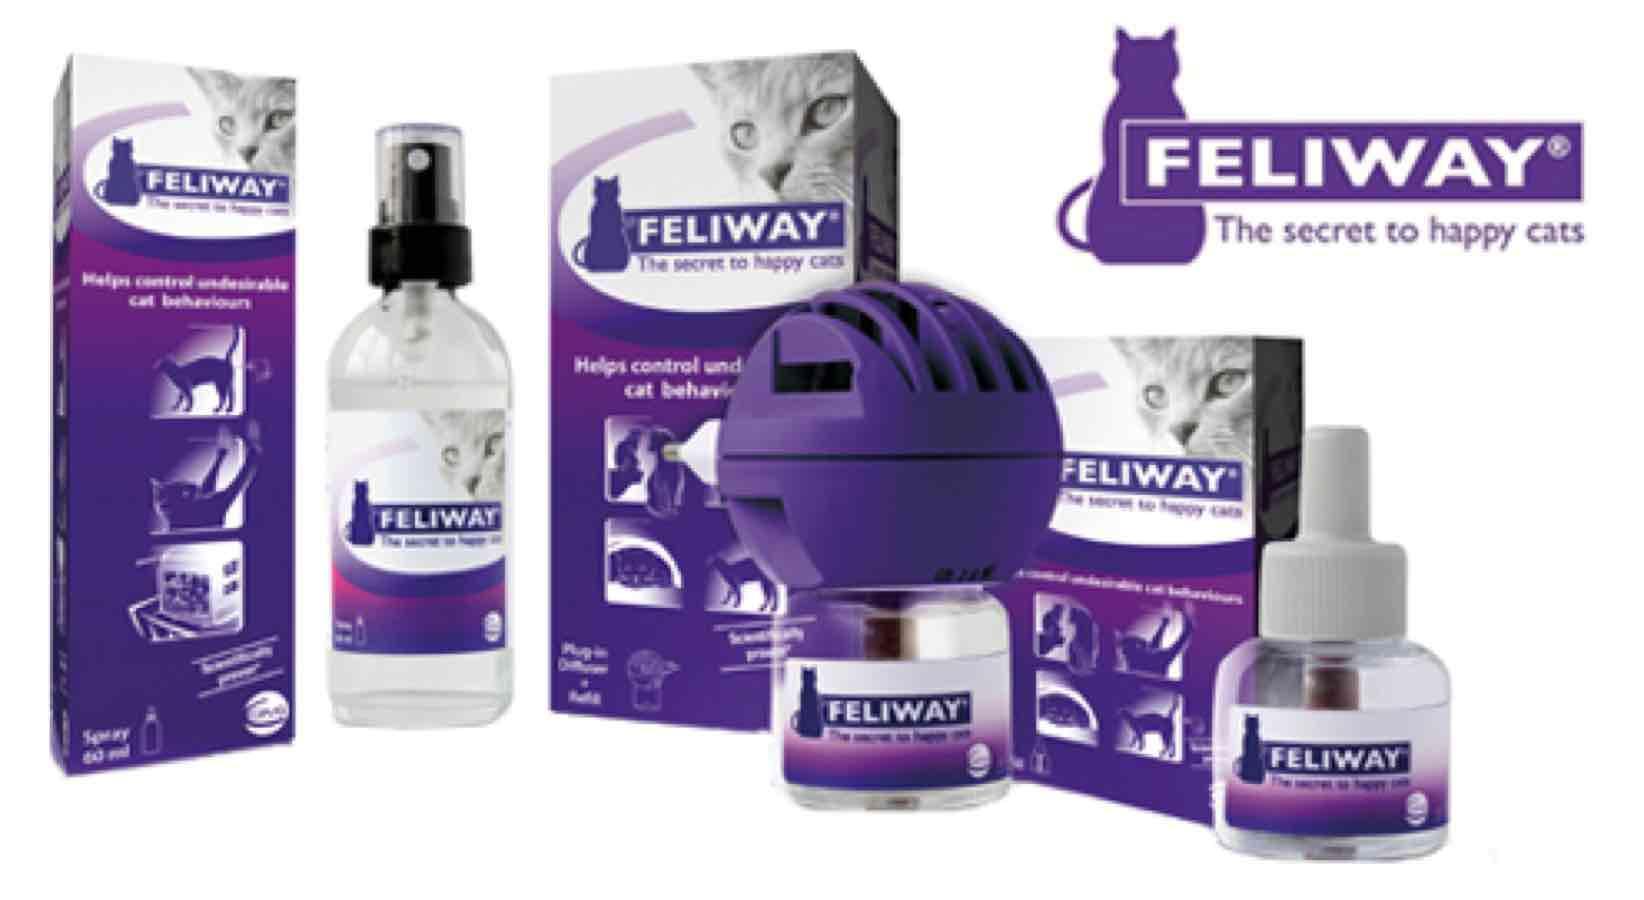 artikel-feliway-stopt-ongewenst-kattengedrag-medpets-nl-4-1398776130-308